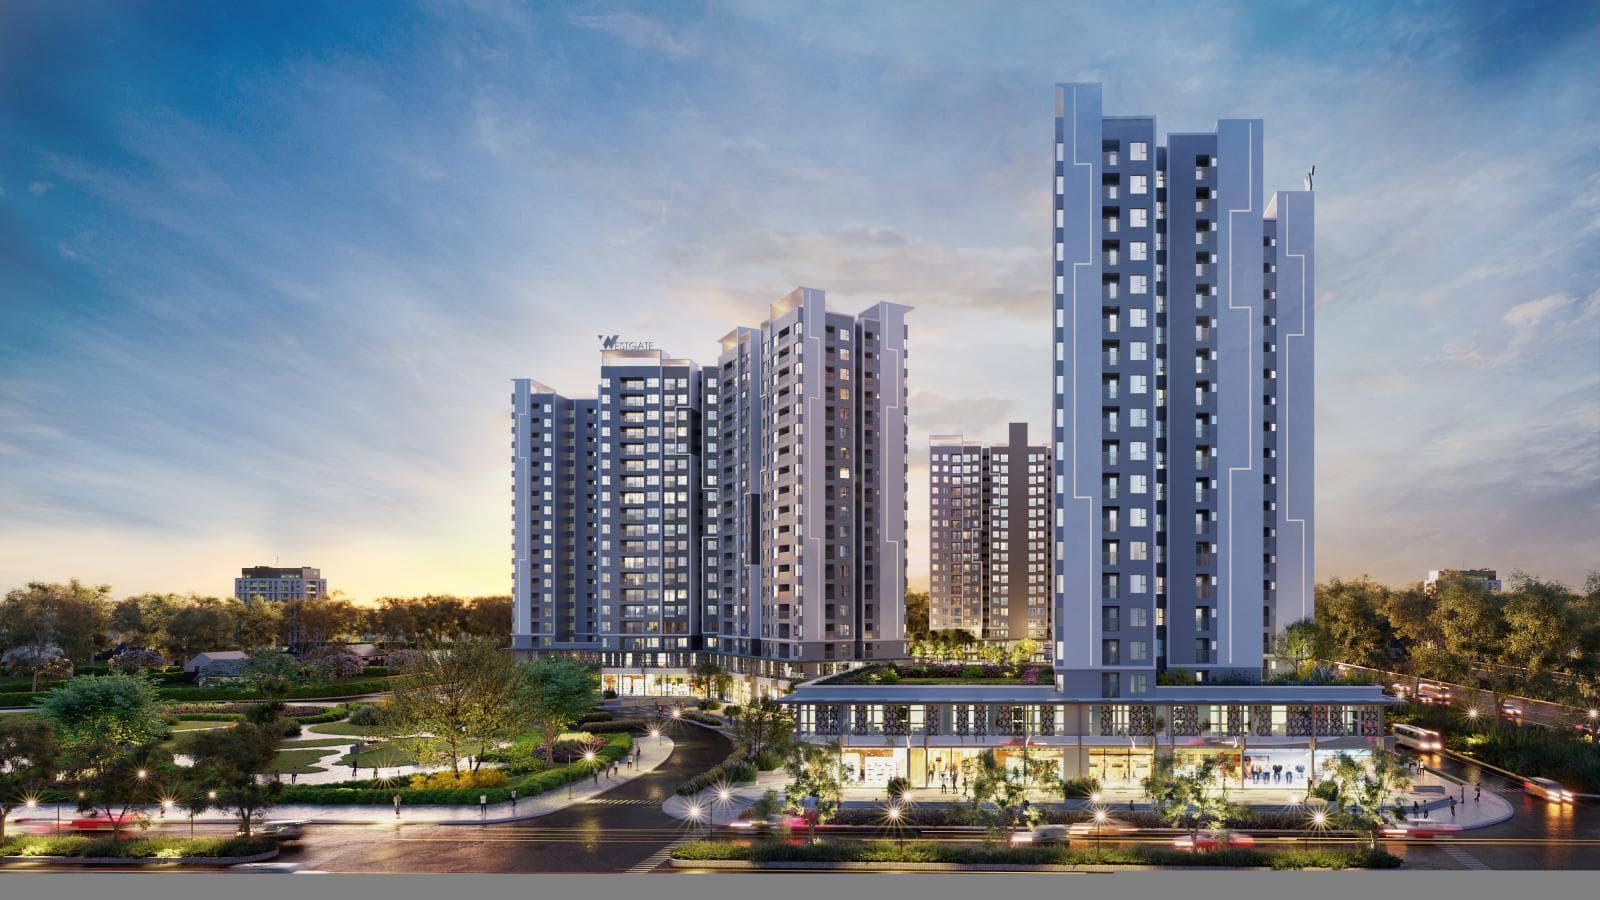 Phối cảnh 3 tòa nhà cao tầng nằm gần mặt đường, bên cạnh là khuôn viên trồng cây xanh